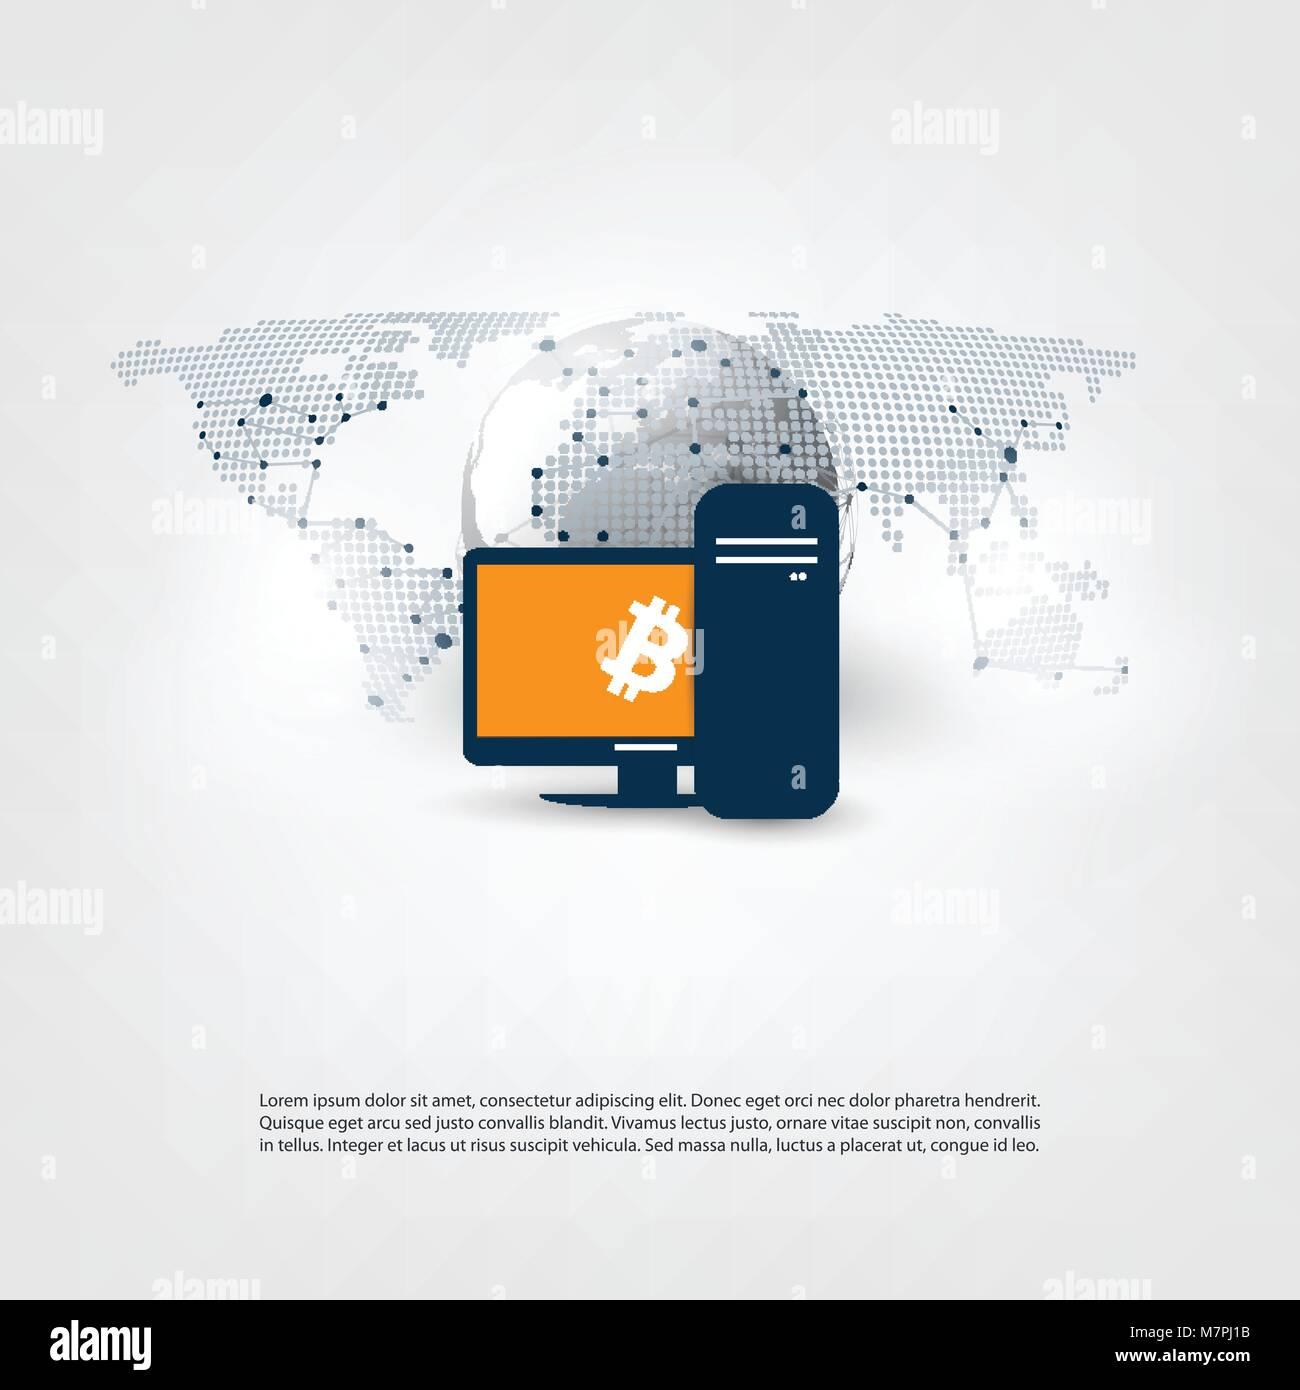 Netzwerke Business Und Globale Finanzielle Verbindungen